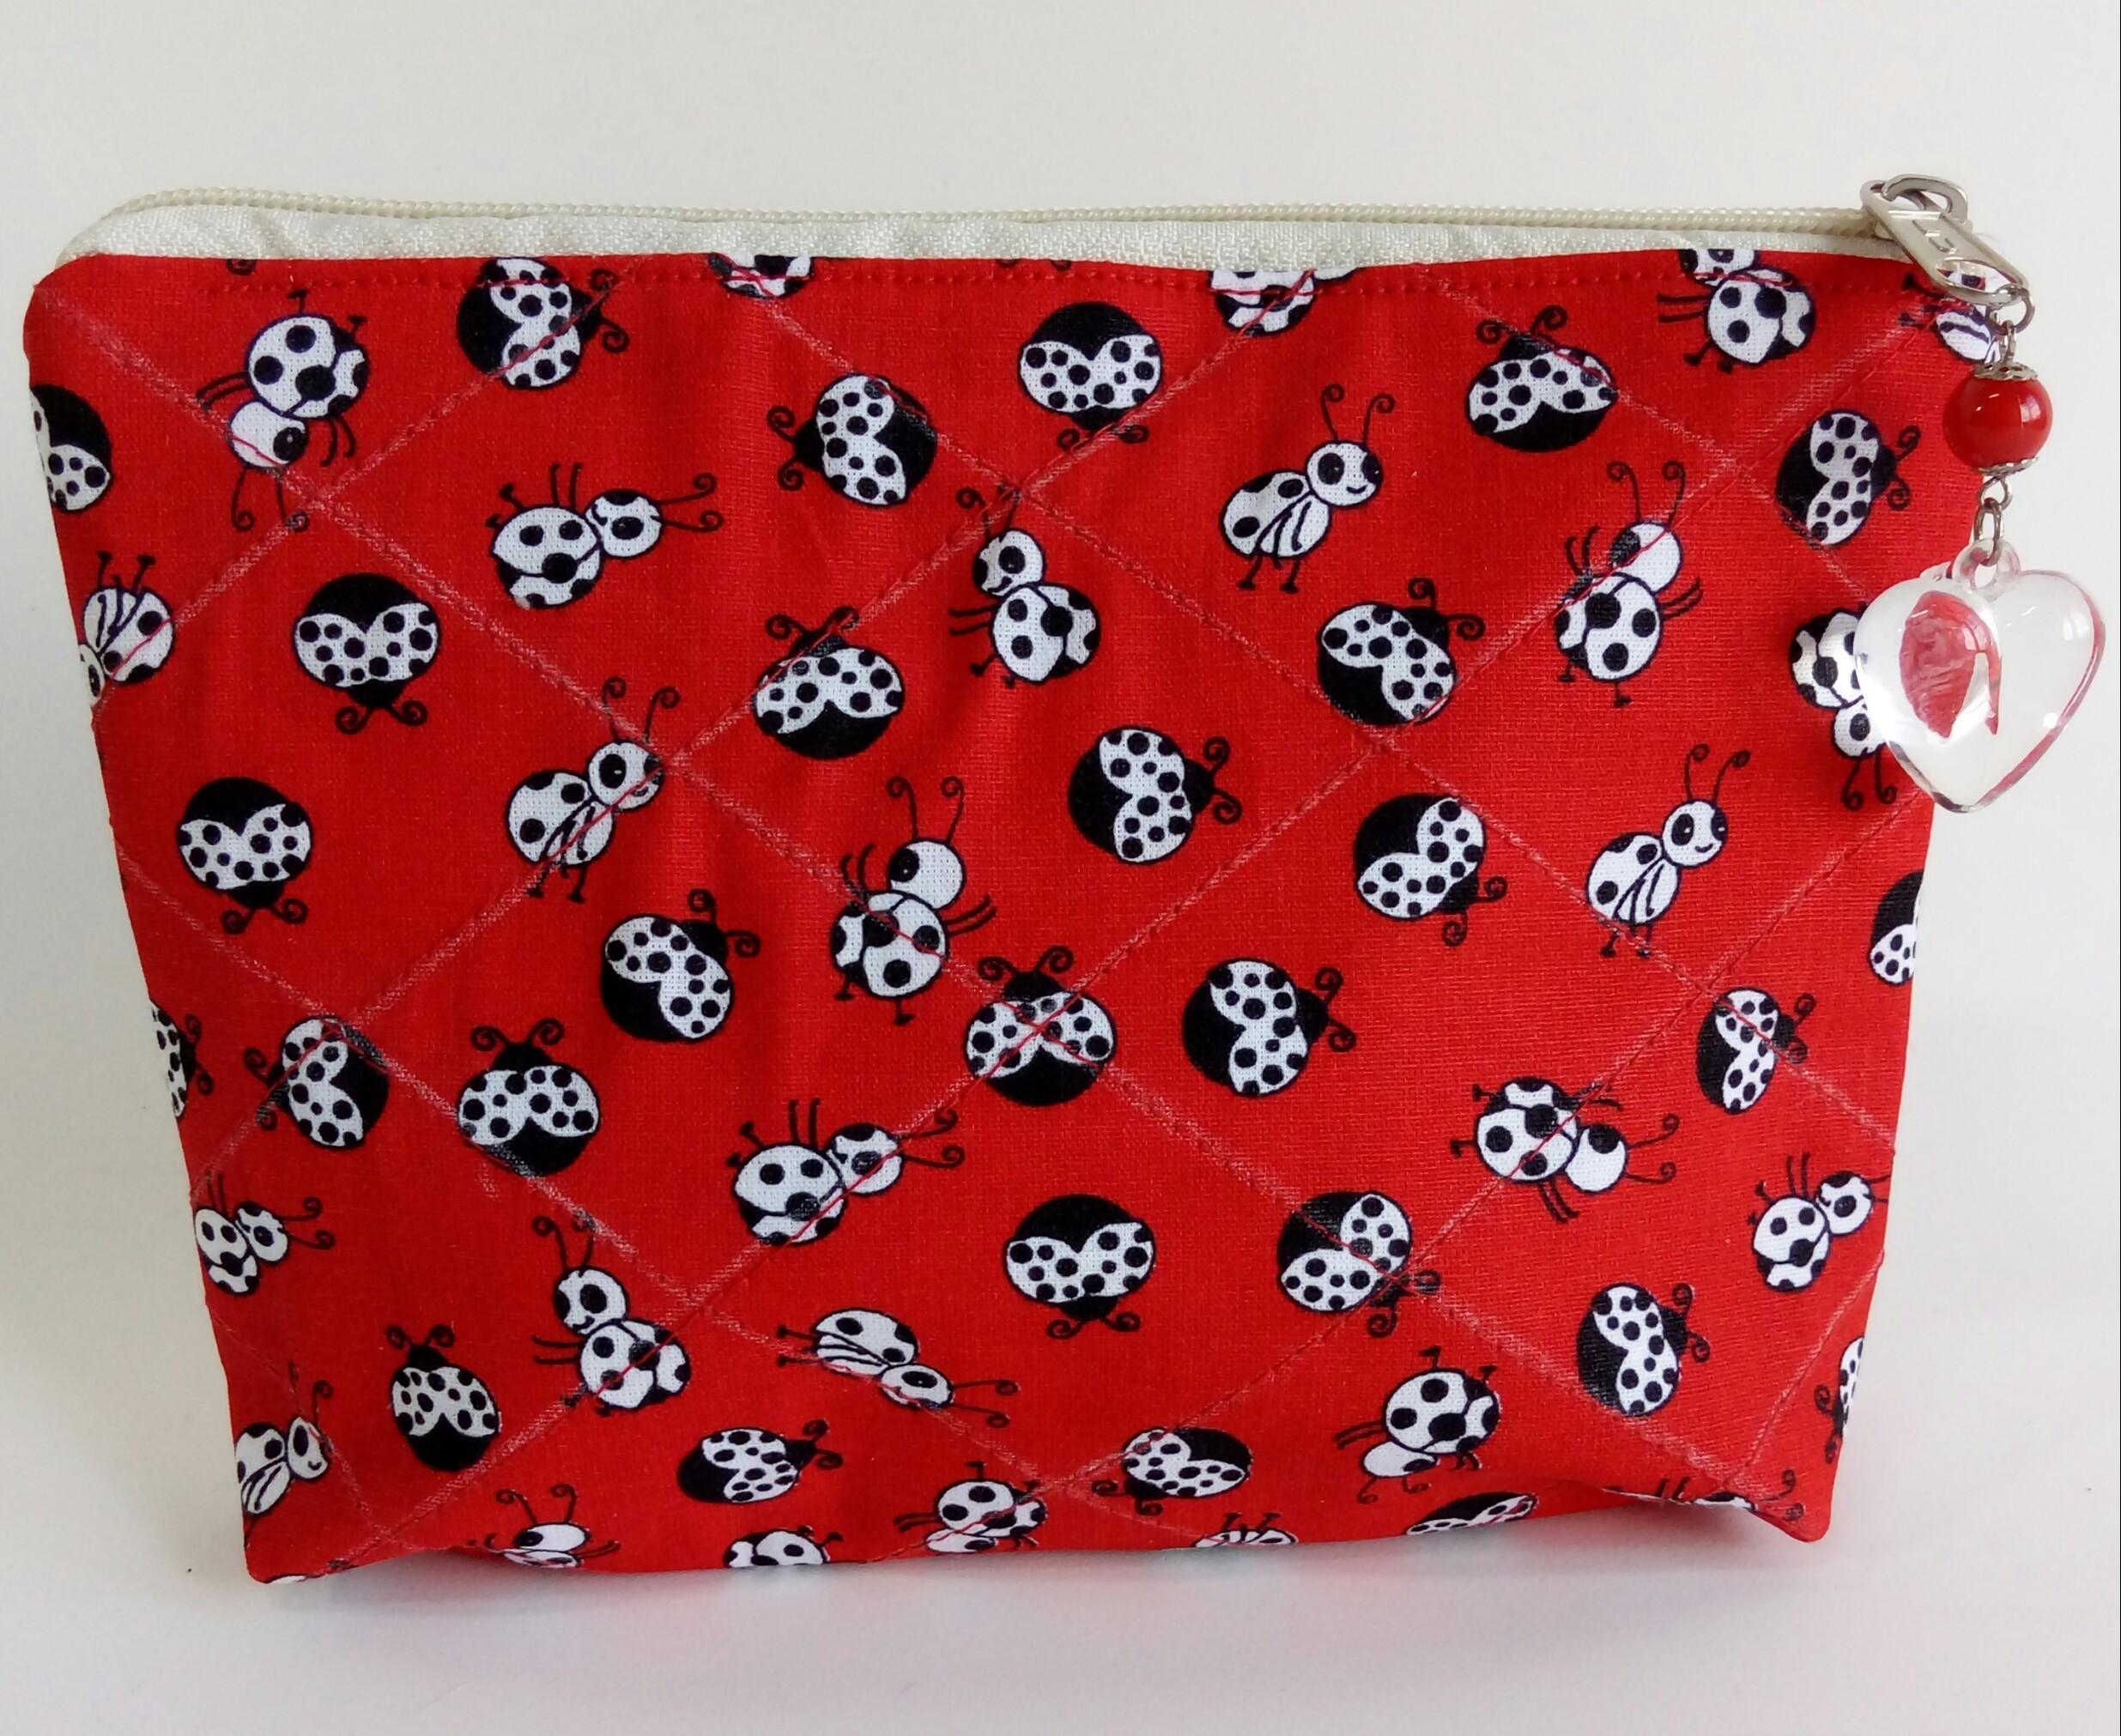 Conhecido Necessaire feminina tecido artesanal no Elo7 | Estili (BABEF2) WX57